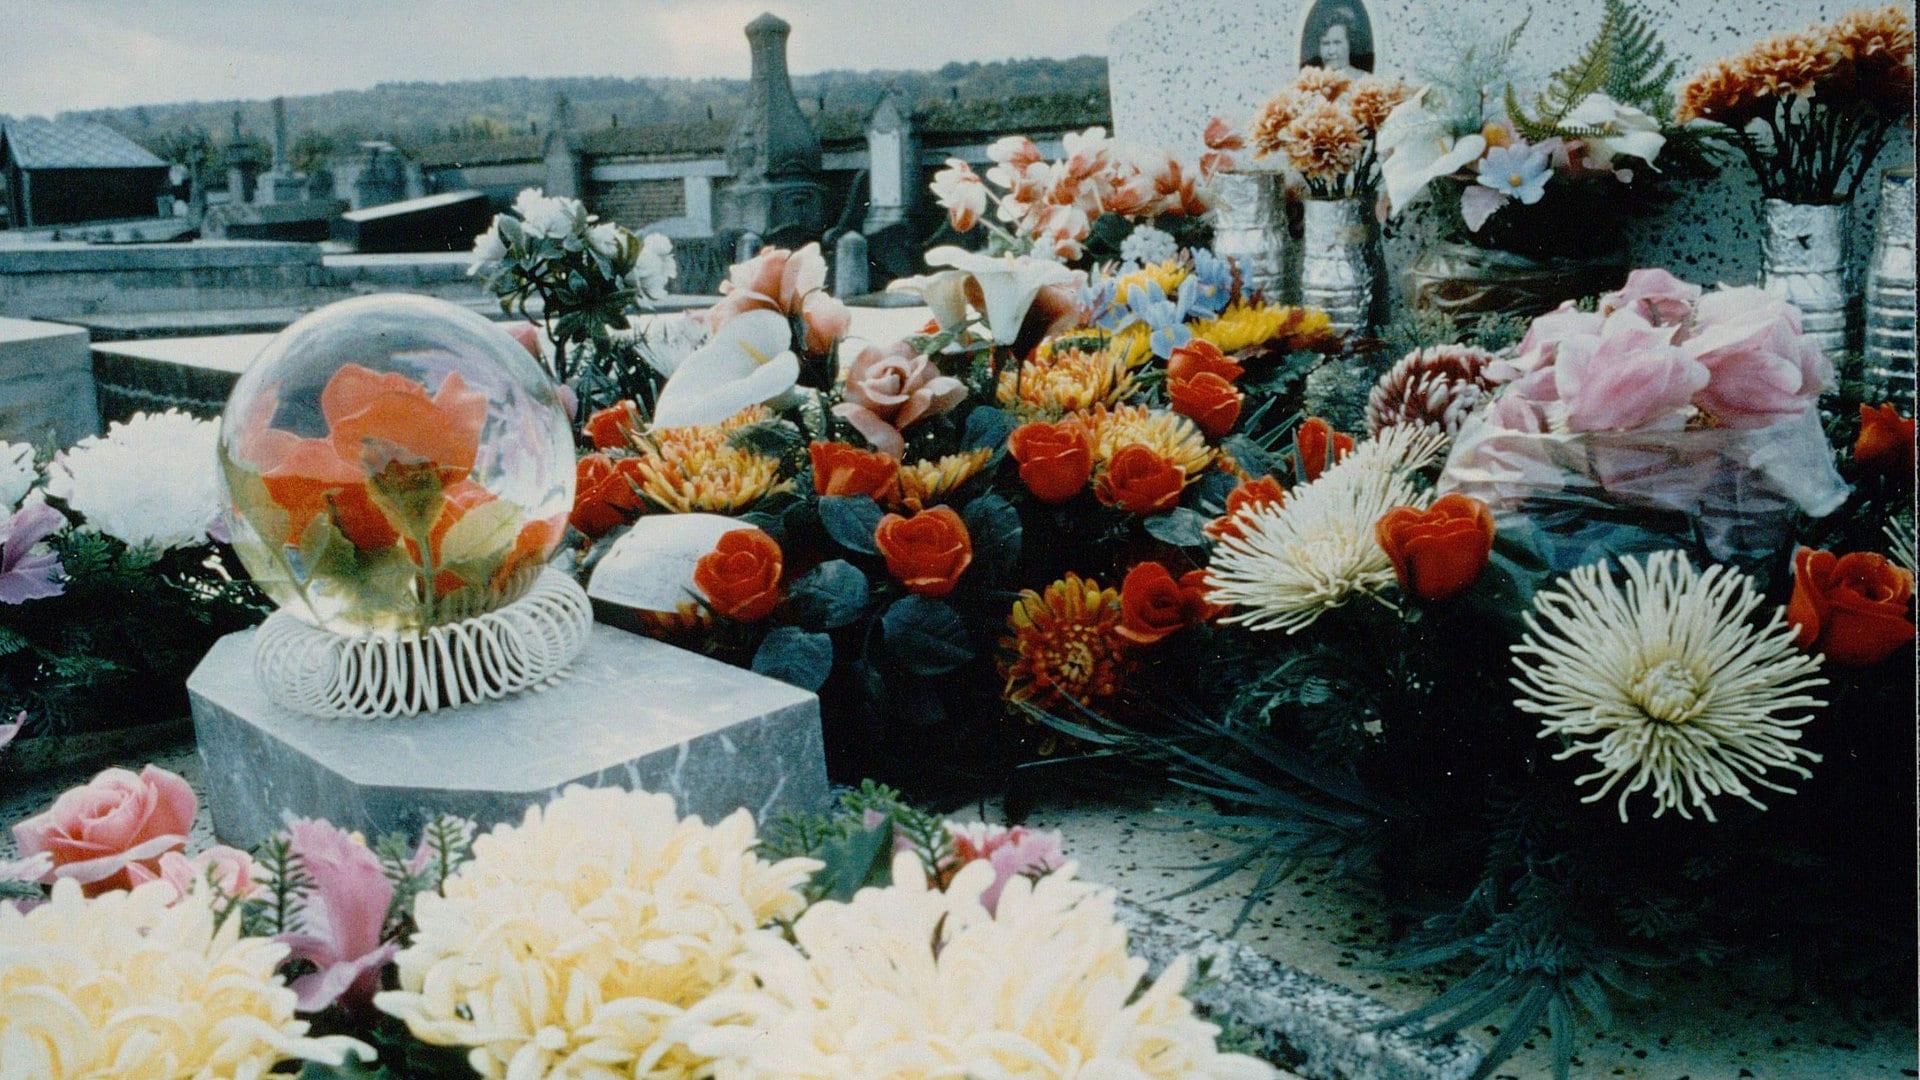 Une tombe recouverte de fleurs dans Des morts